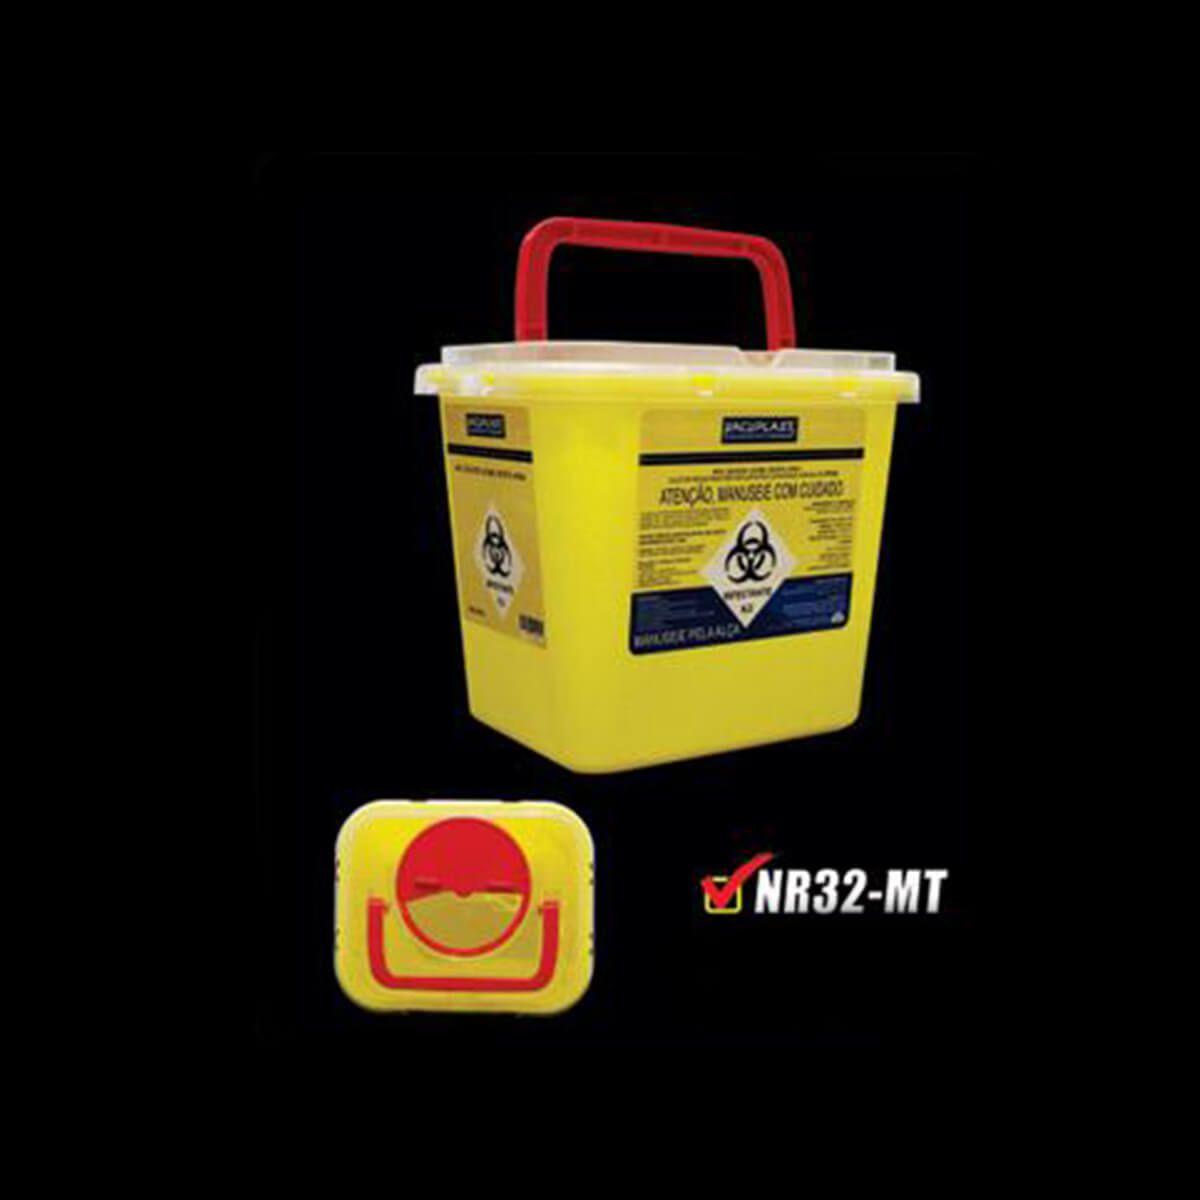 Coletor para Material Perfurocortante Rigido Nr-32